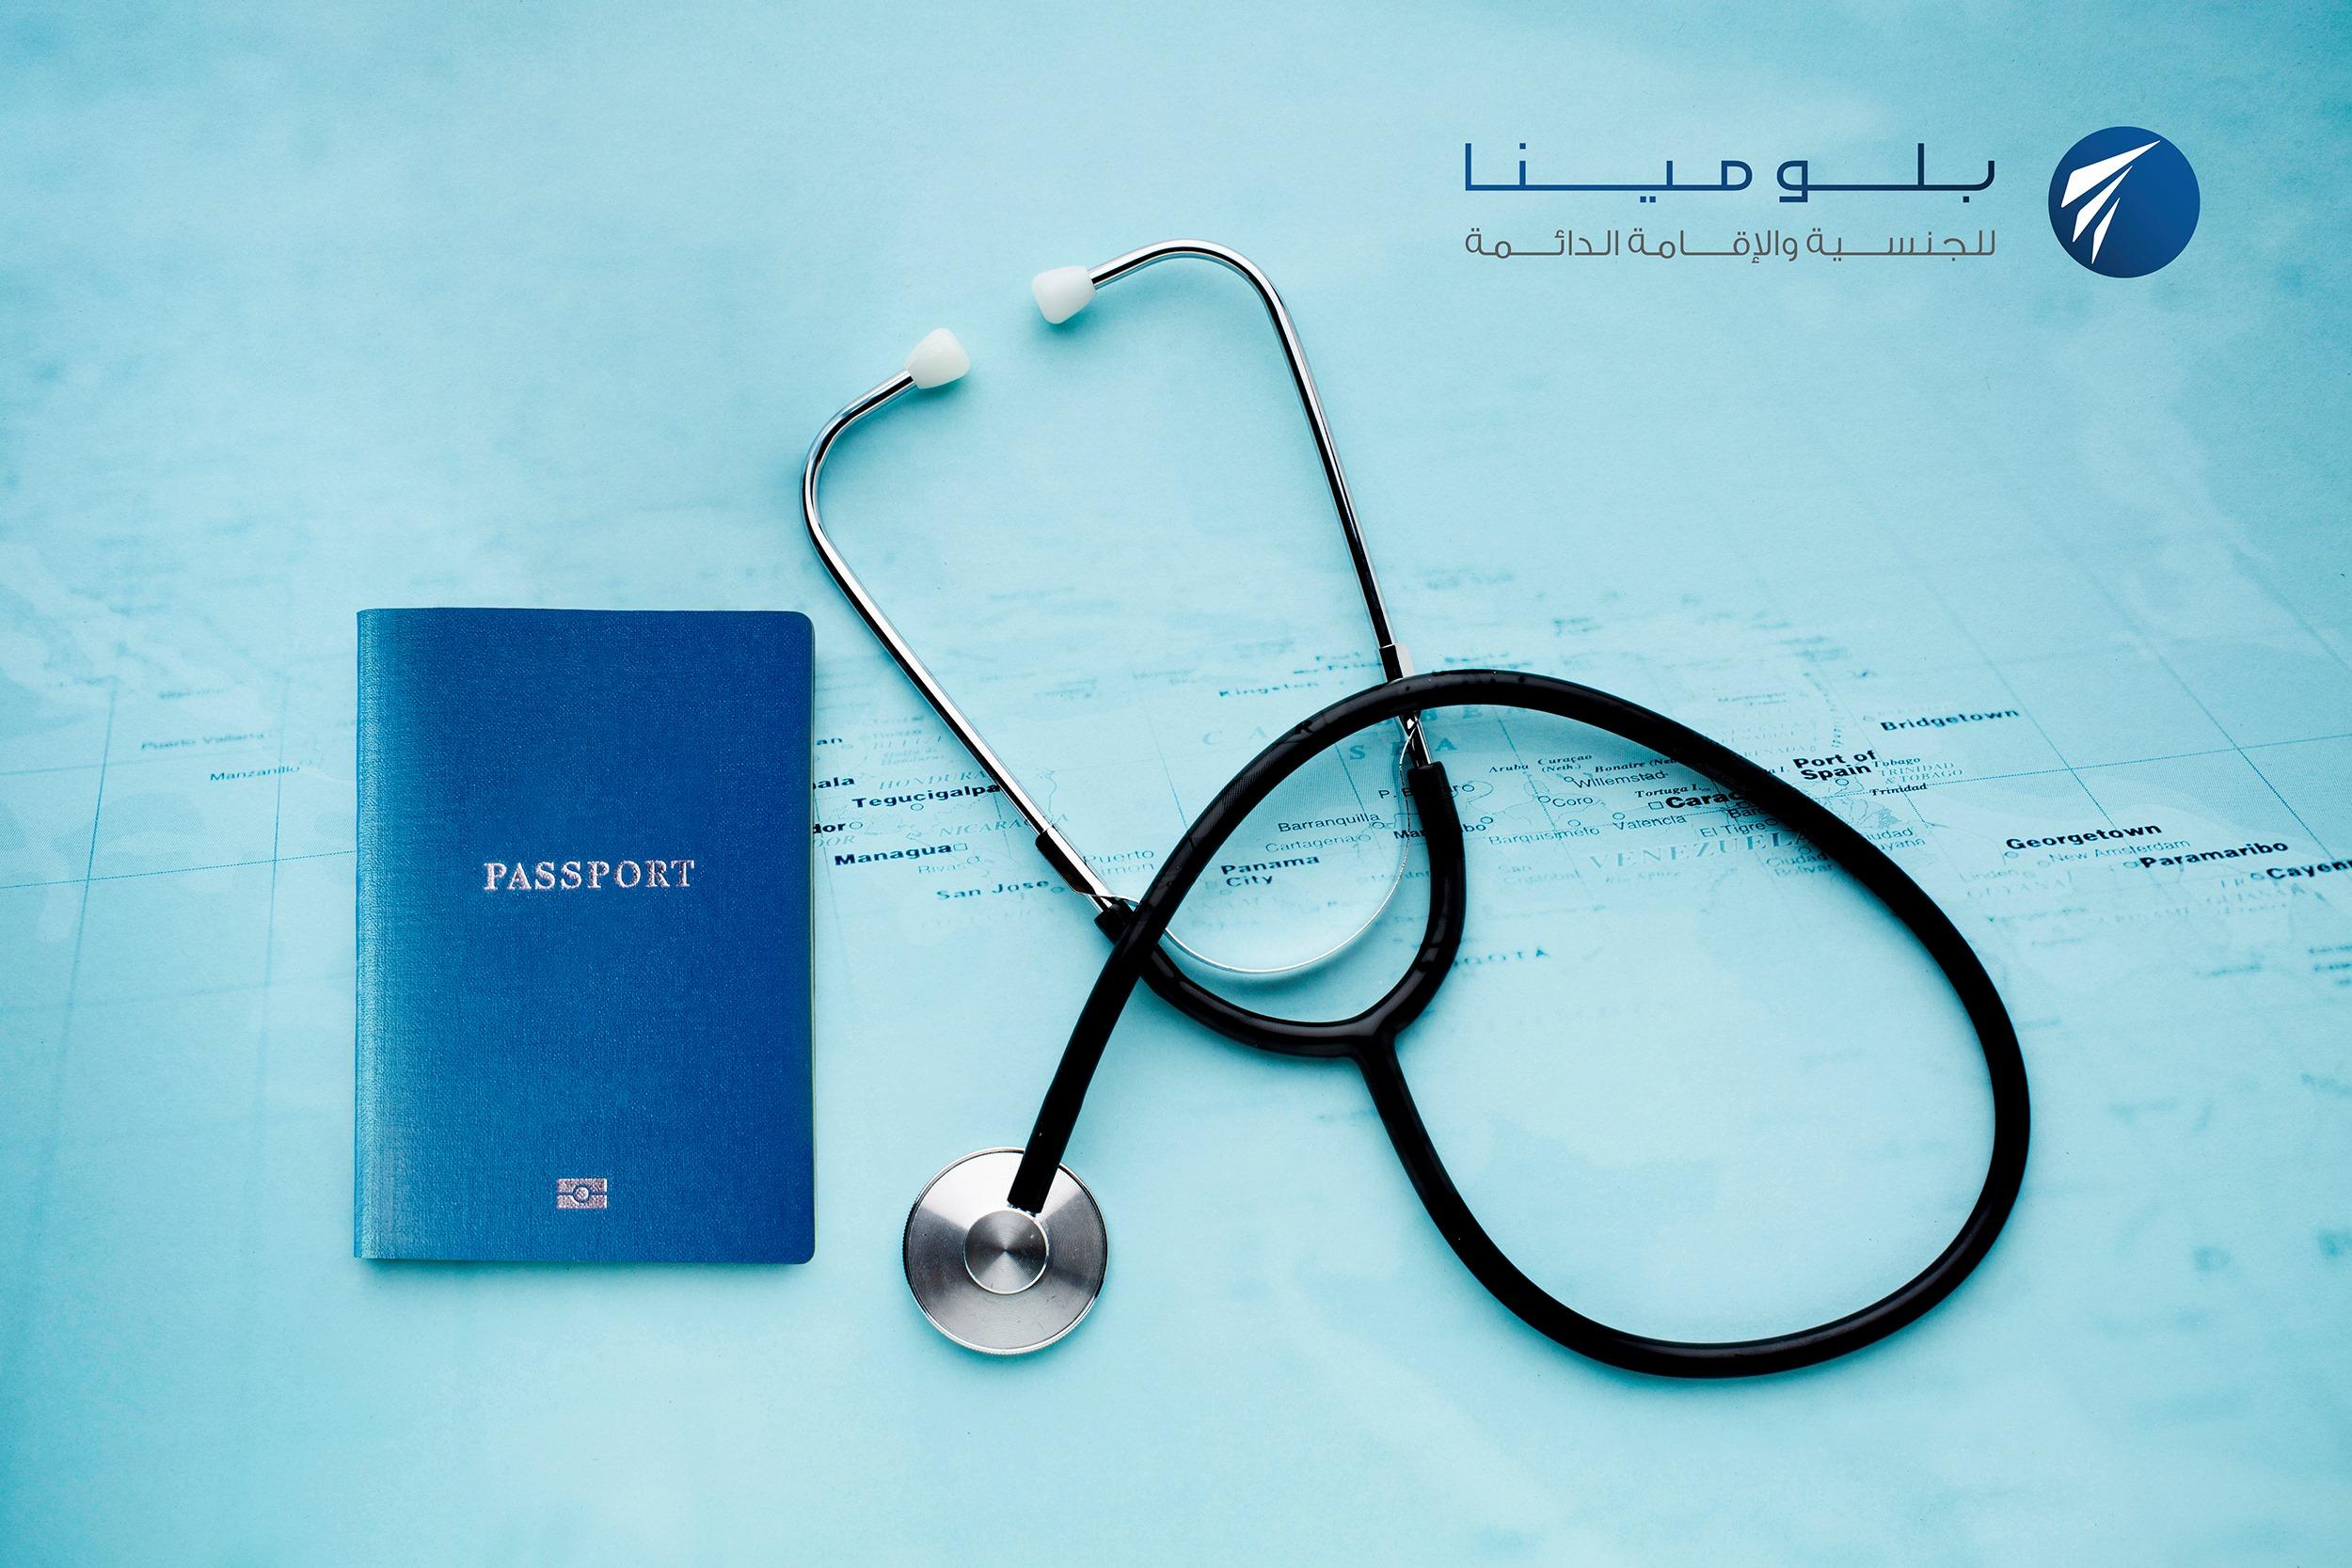 الكشف عن فوائد التأمين والرعاية الصحية  ضمن جواز السفر الثاني